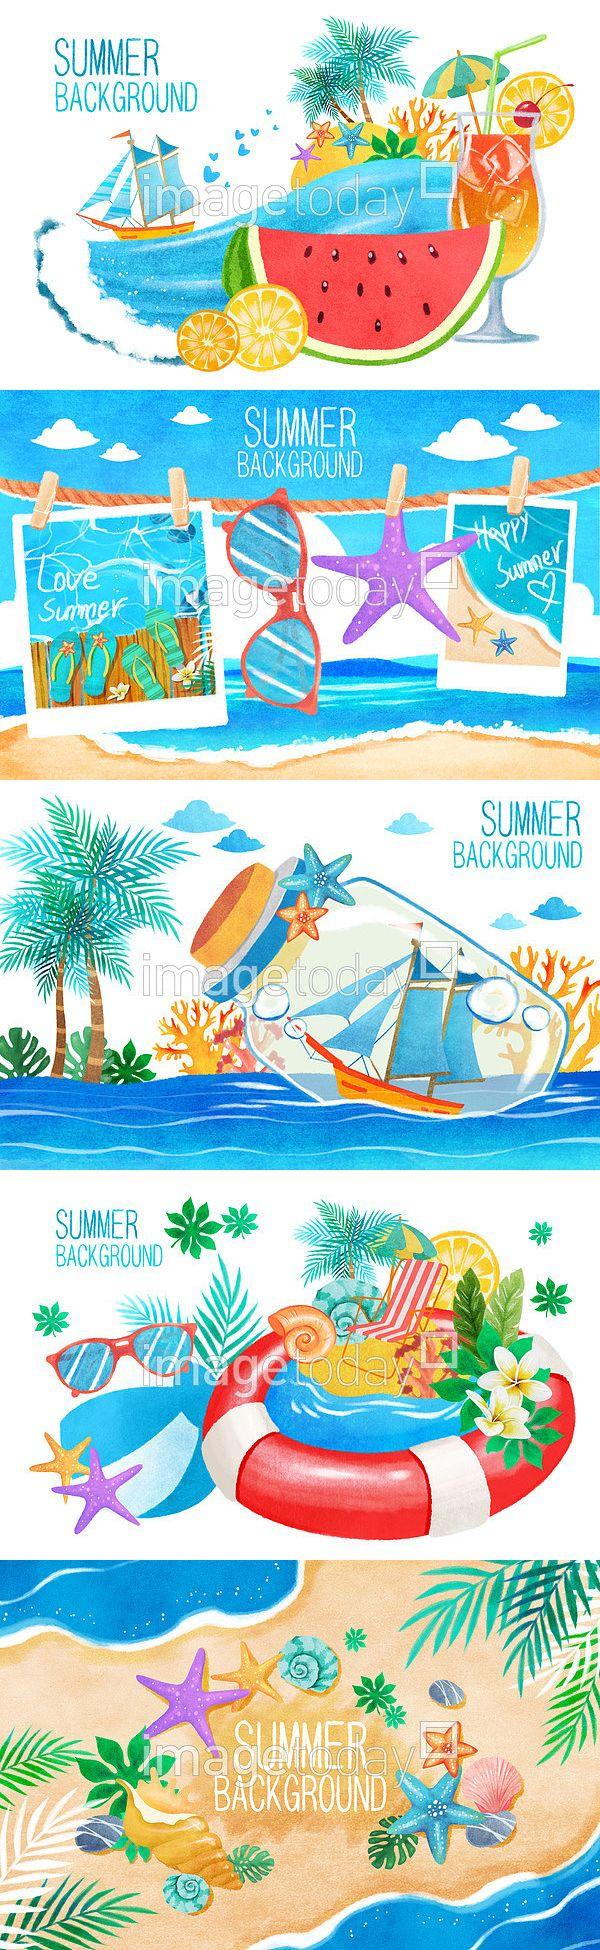 일러스트 #이미지투데이 #imagetoday #클립아트코리아 #clipartkorea #통로이미지 #tongroimages 계절 과일 바다 백그라운드 불가사리 음료 칵테일 휴가 선글라스 해변 튜브 오브젝트 식물 유리병 배 여행 season fruit sea background starfish drink cocktail holiday sunglass beach tube object plant glass bottle ship travel trip illust illustration illustratior drawing 드로잉 일러스트레이터